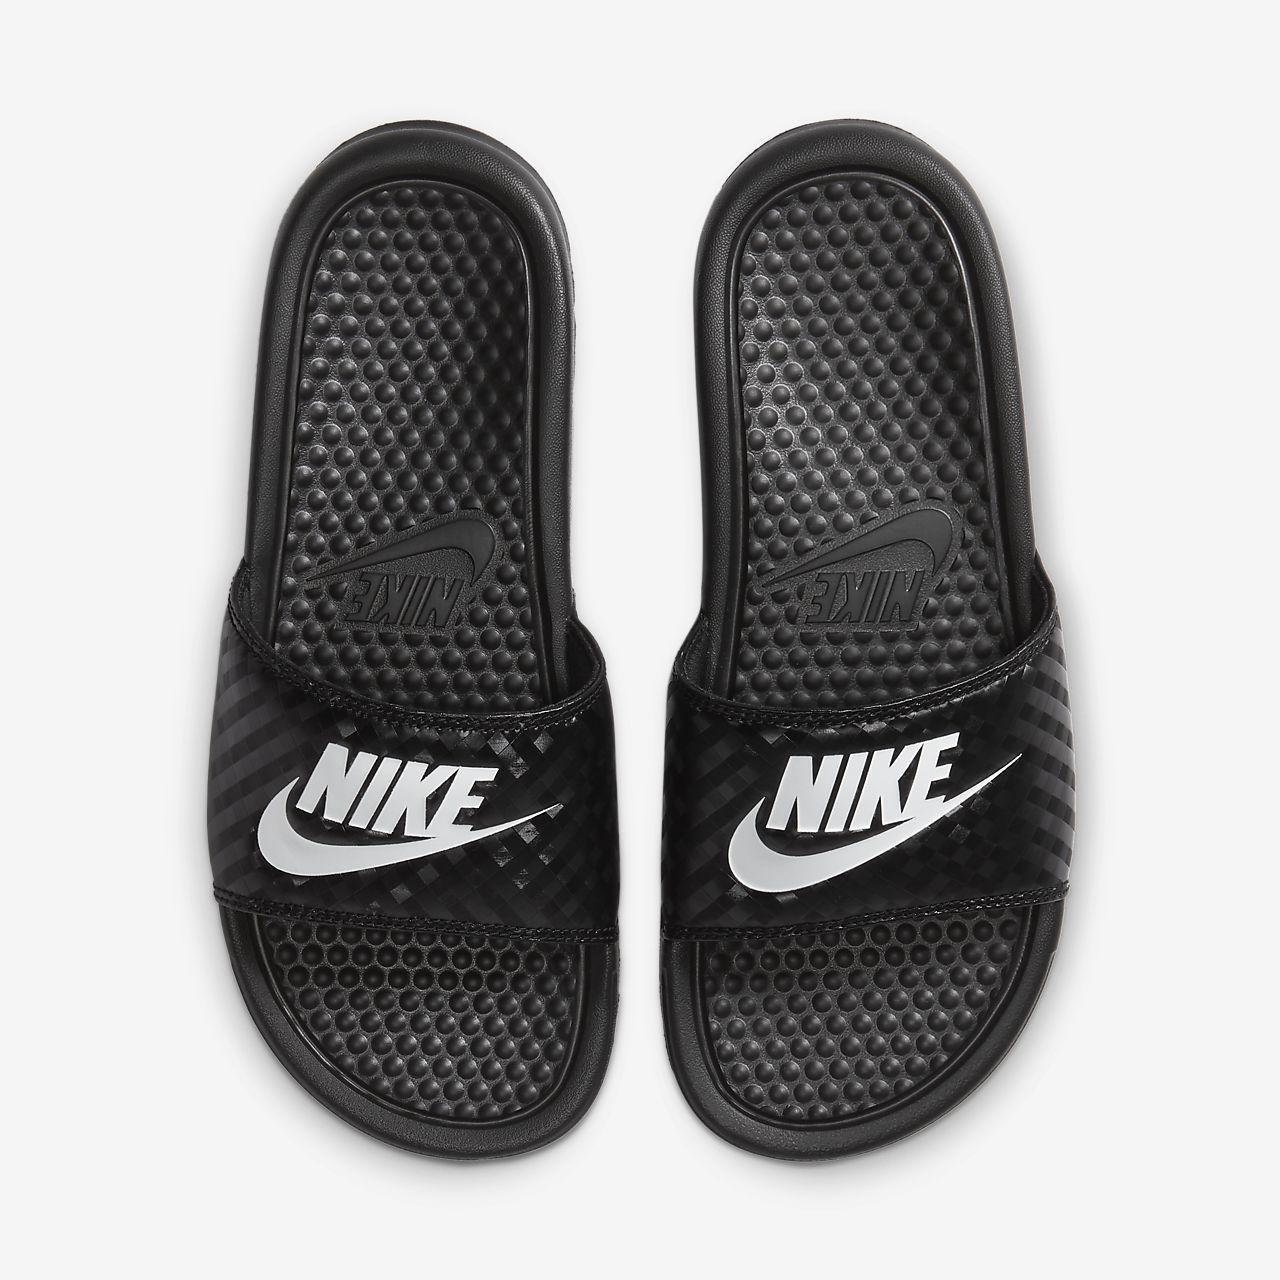 a1cf09015560e Low Resolution Nike Benassi Women s Slide Nike Benassi Women s Slide